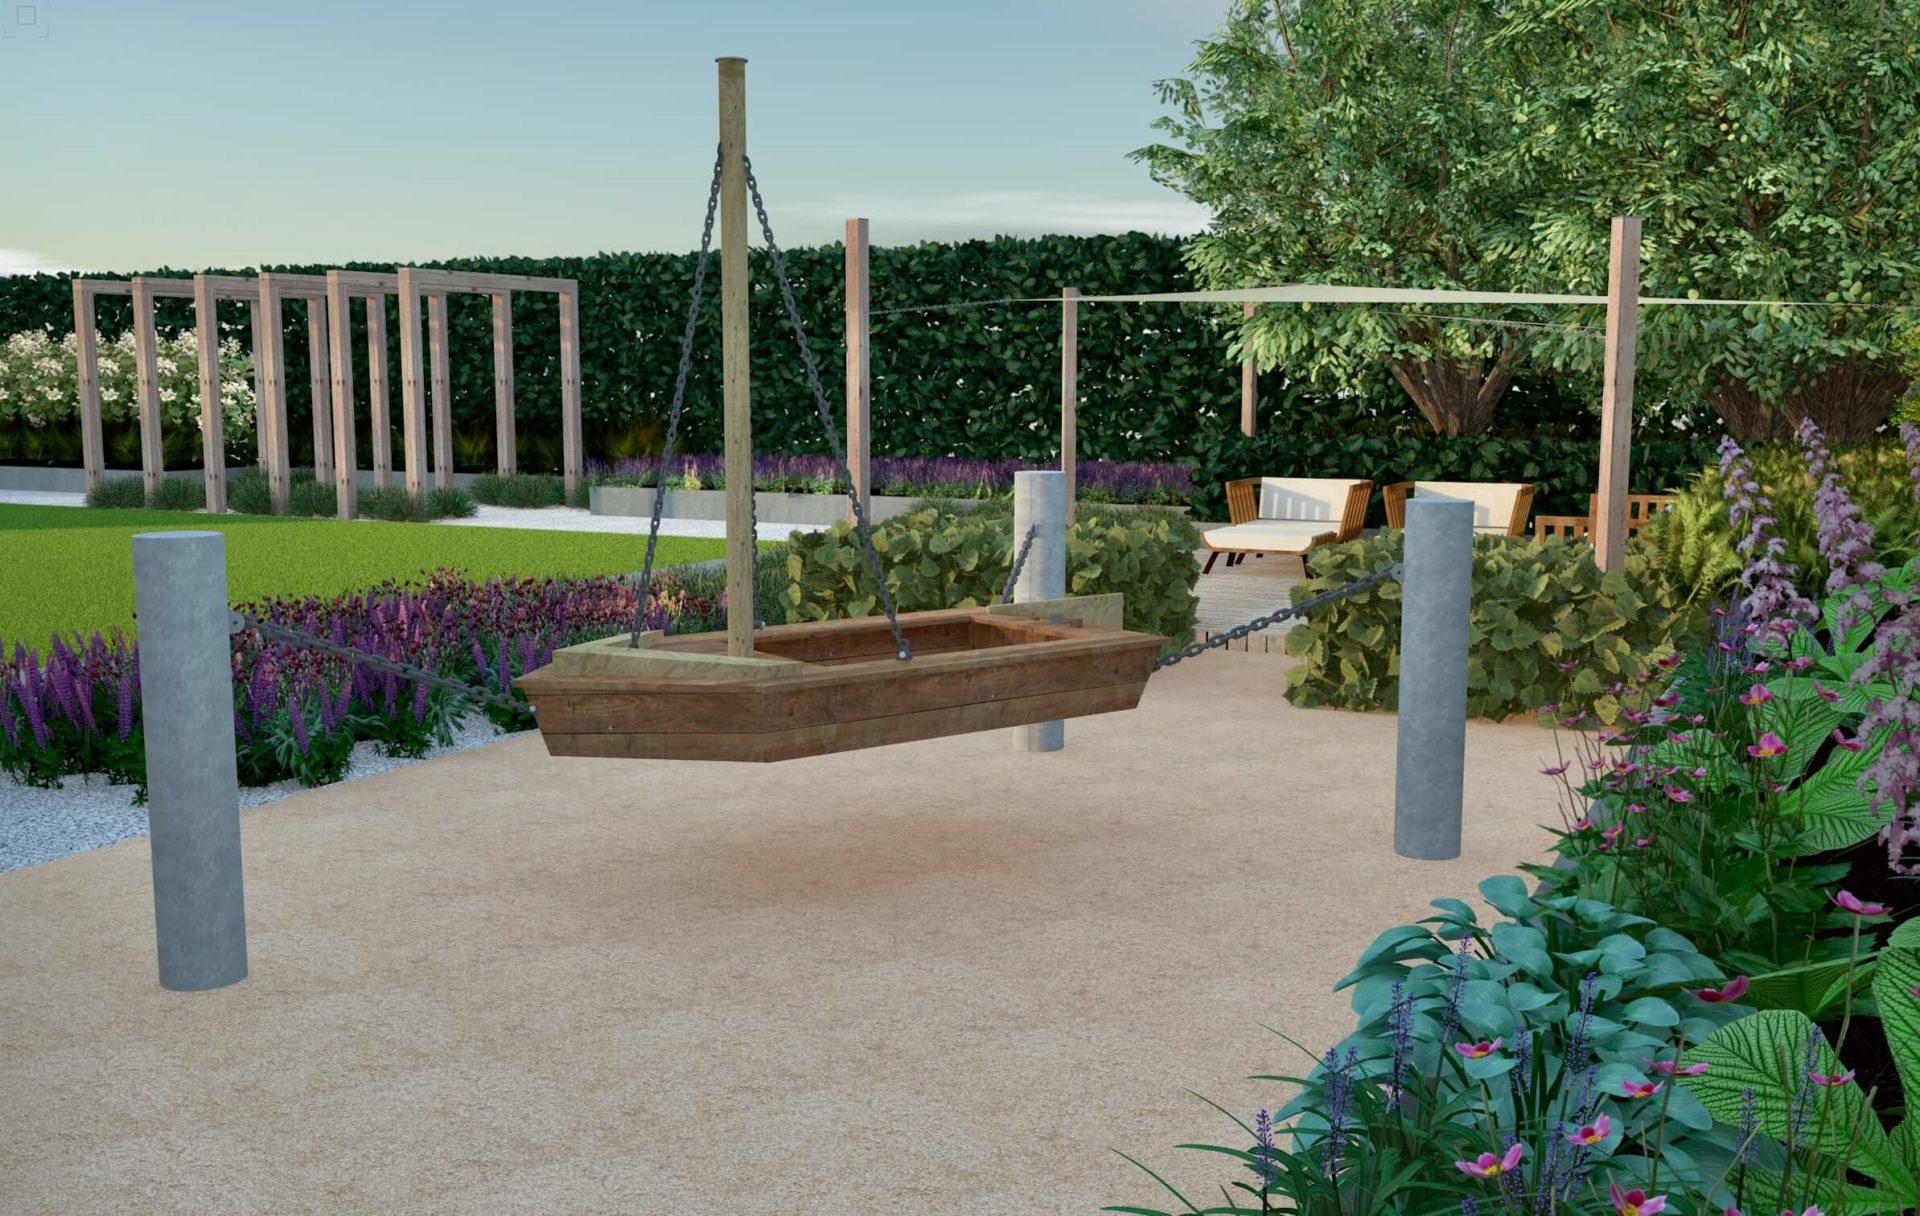 Plac zabaw wizualizacja, projekt ogrodu